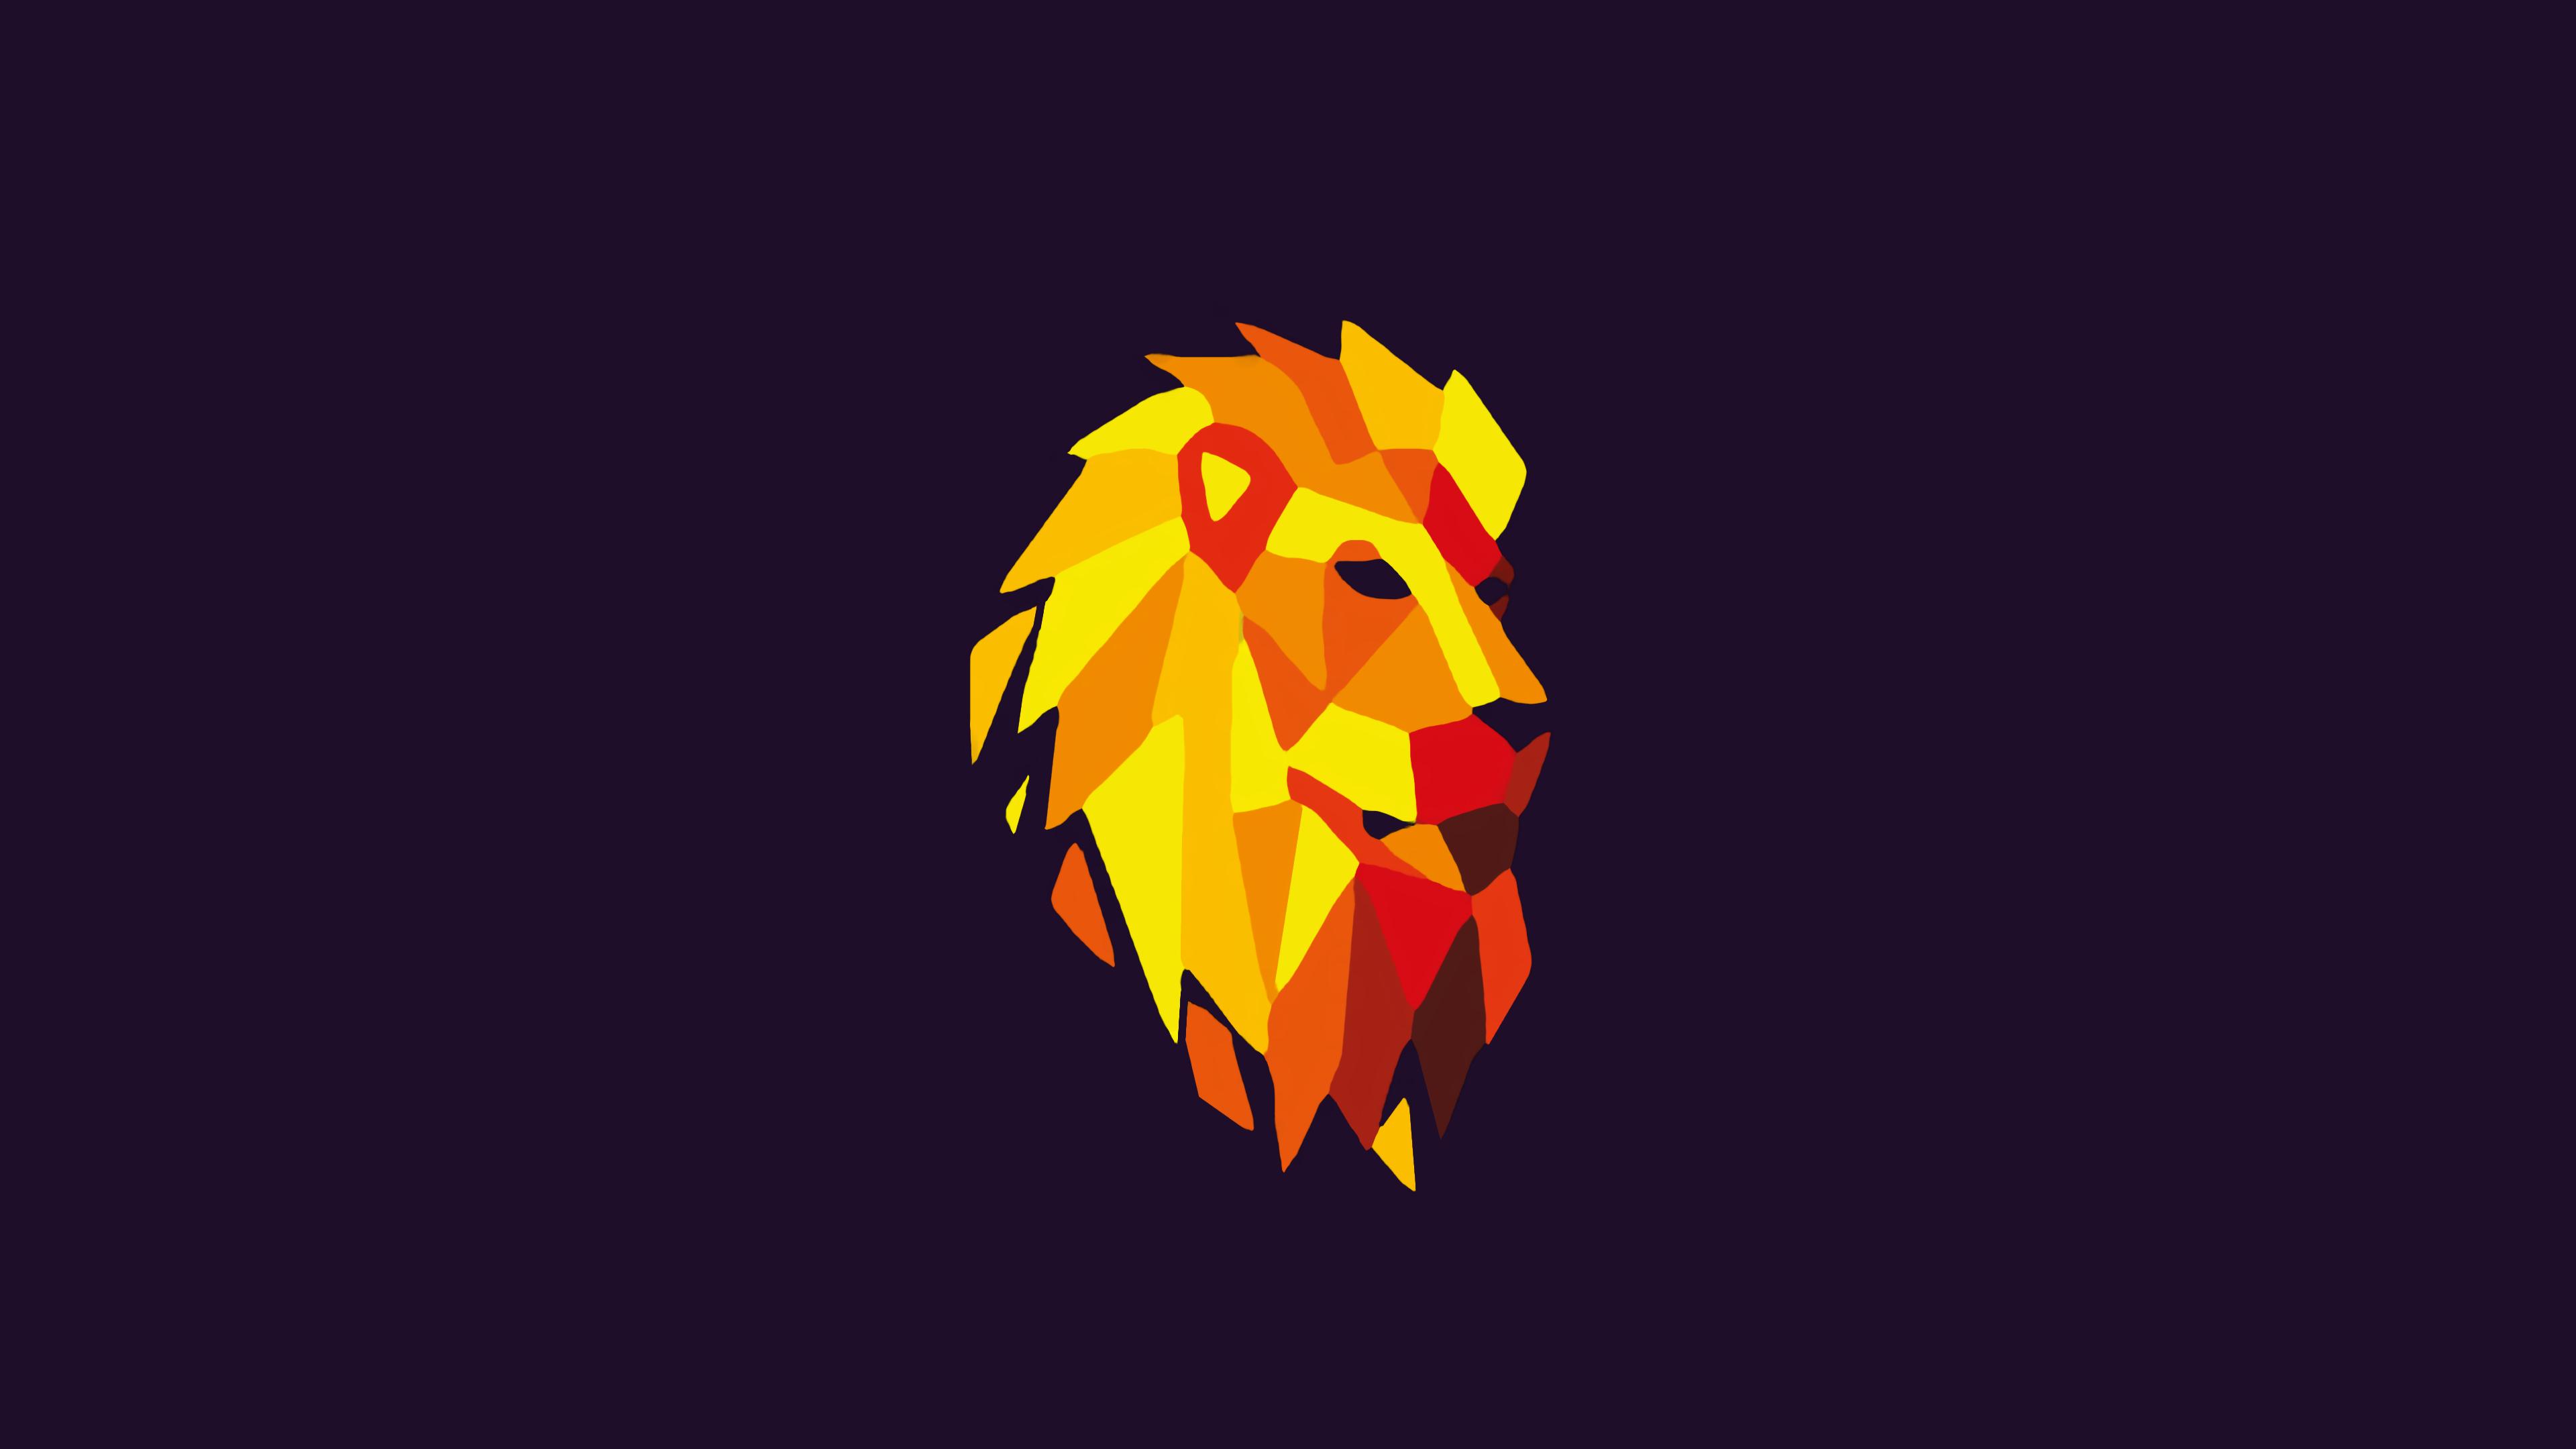 1920x1080 Lion Purple Background Digital Art 1080P Laptop ...